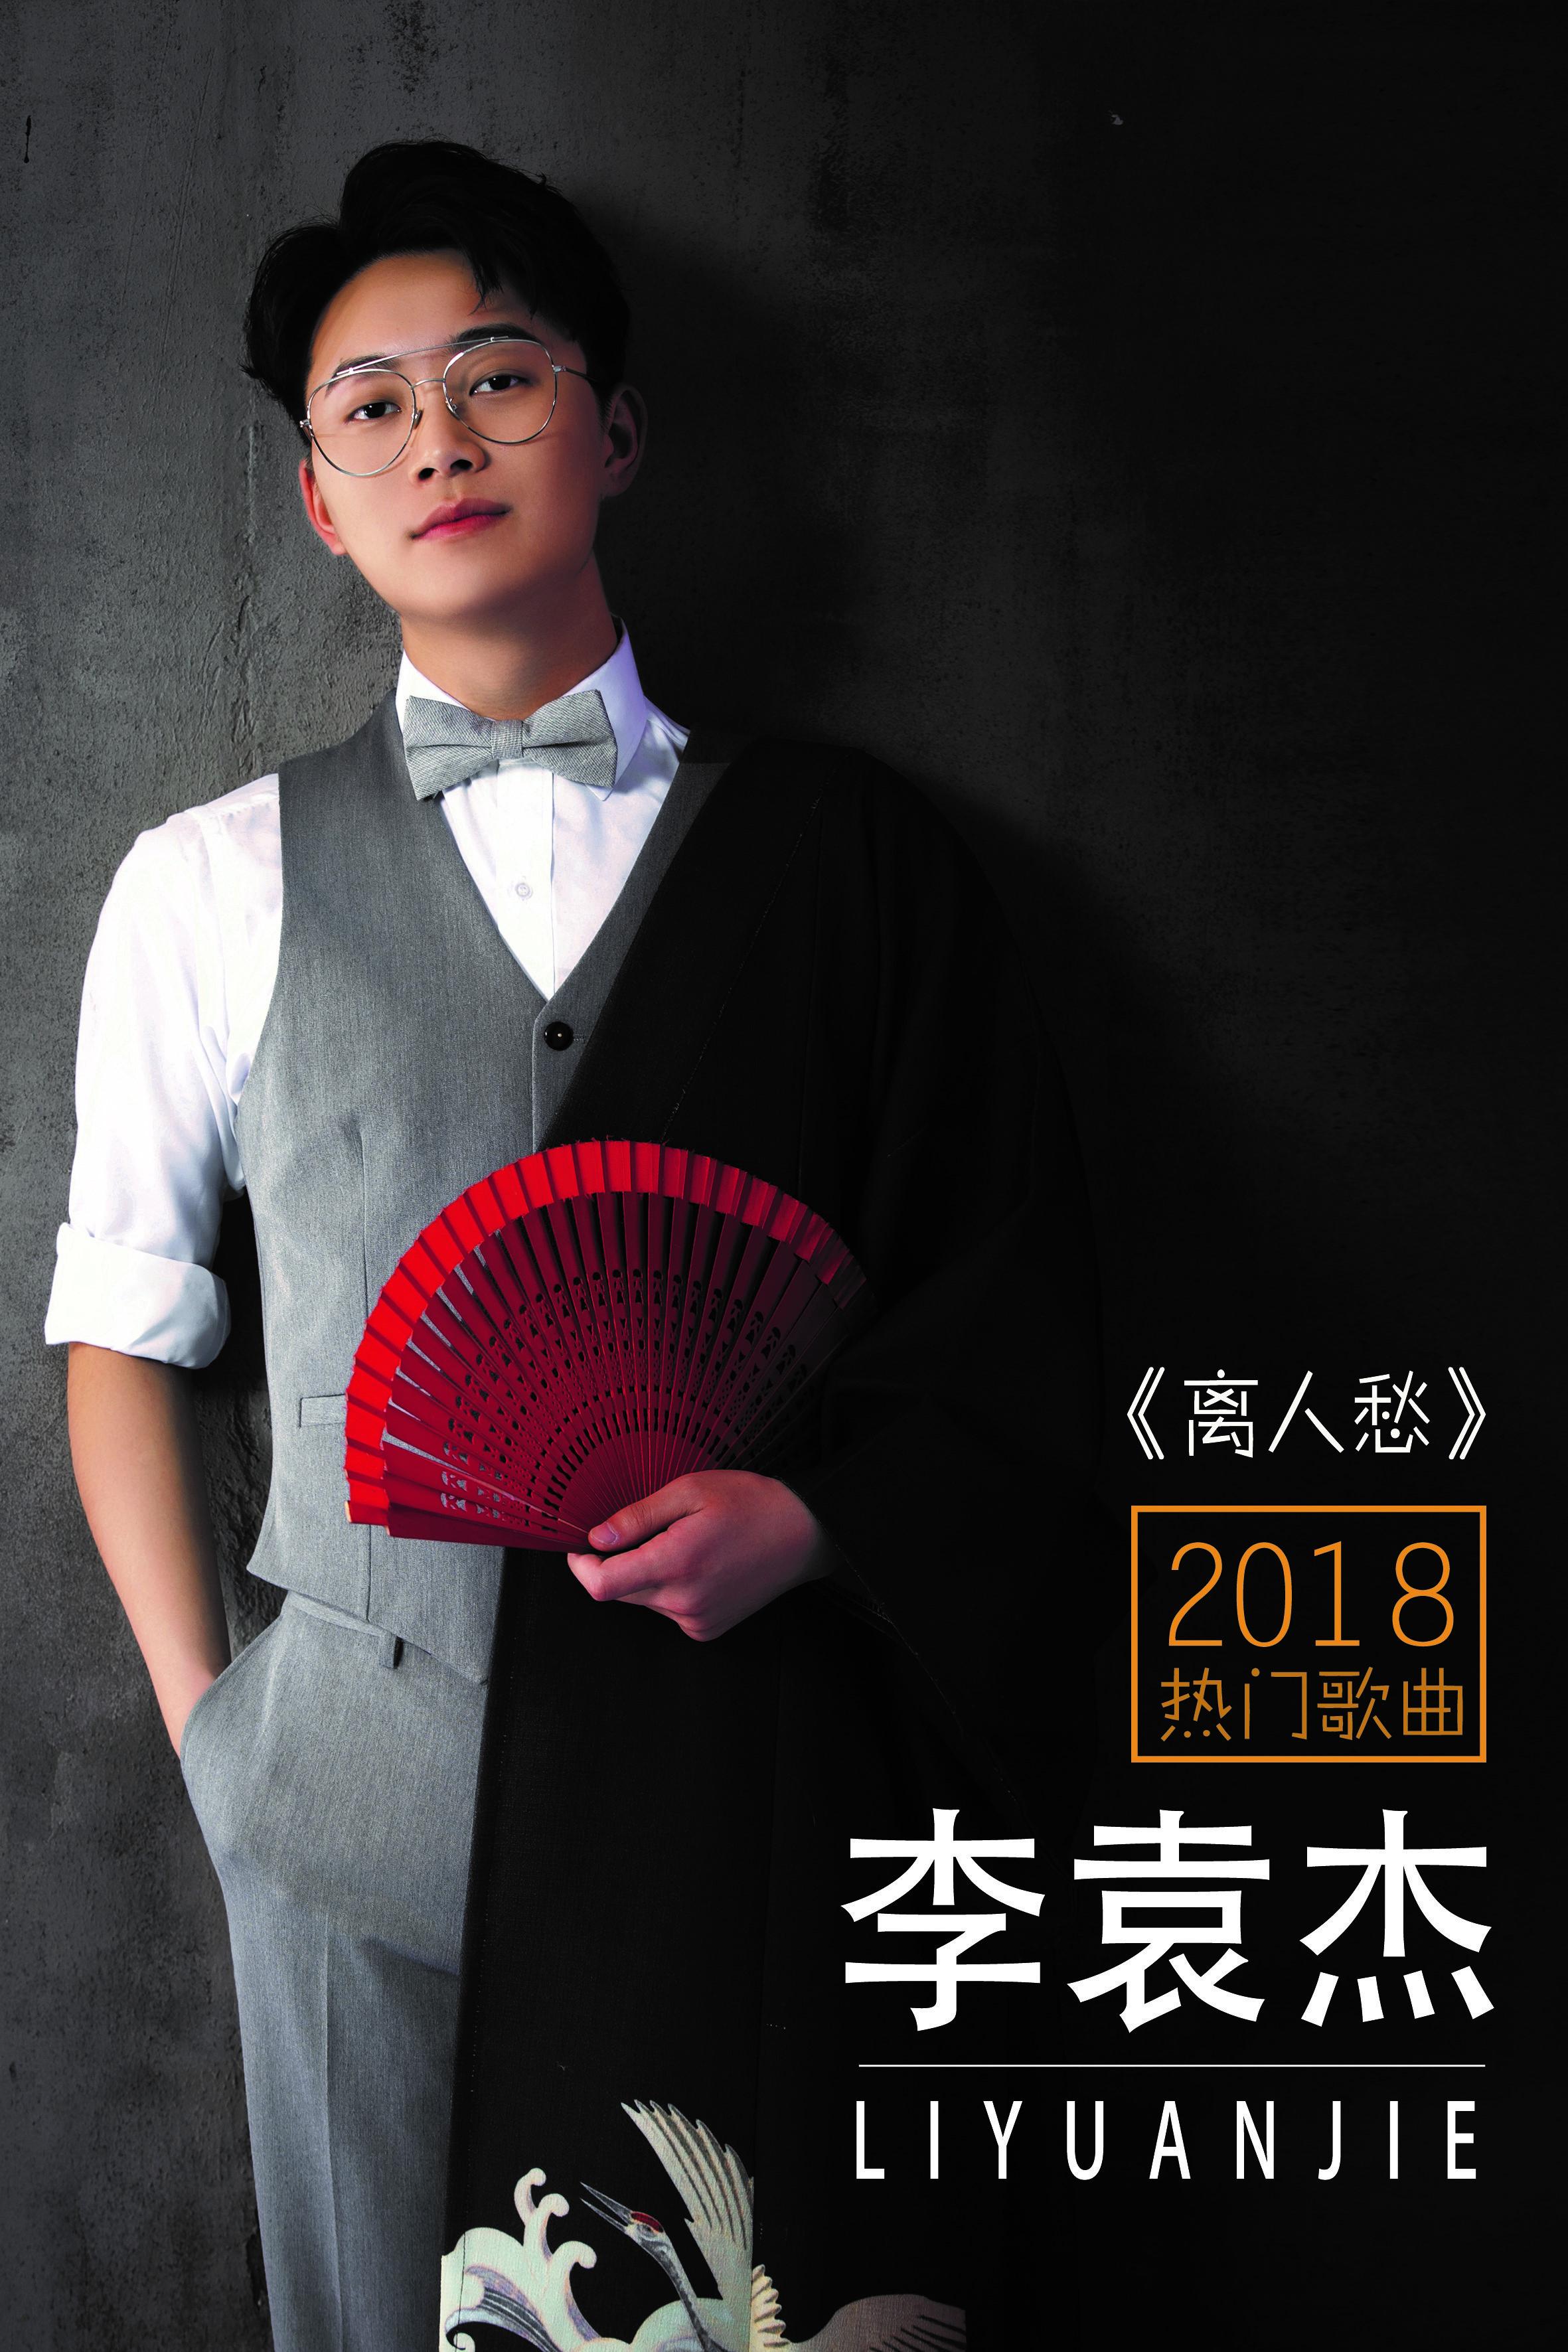 """吉克隽逸现身百度、锐之旗""""YU见""""鑫苑音乐节,还有谁?"""